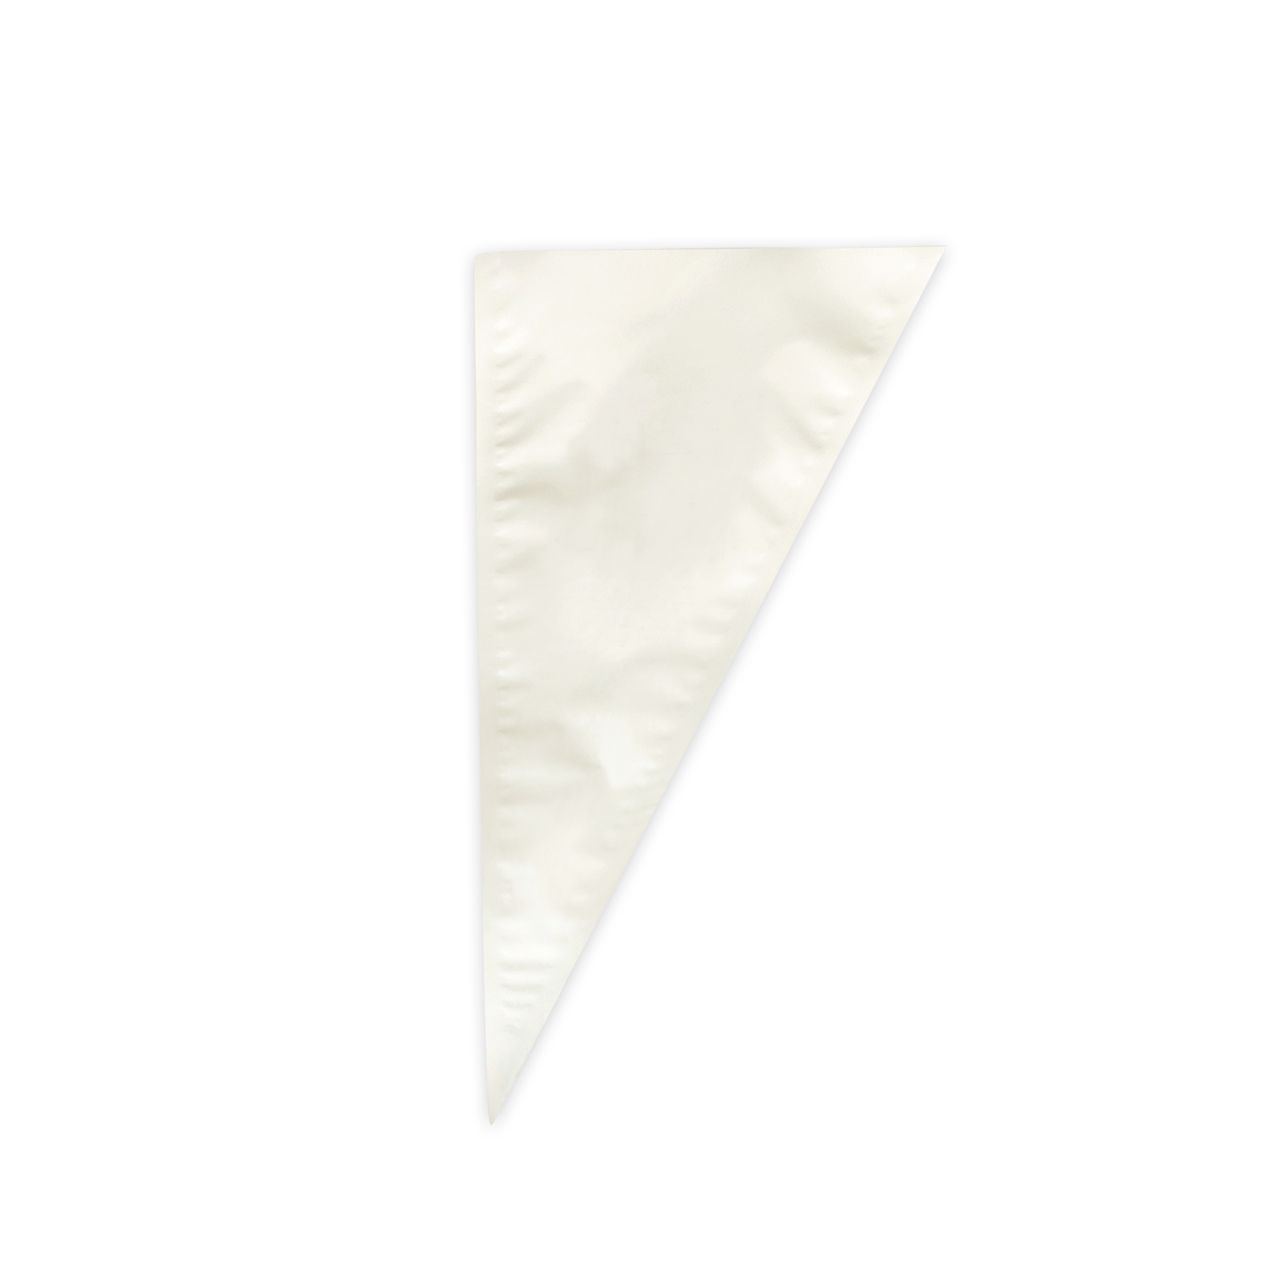 Saco para Confeitar Descartável Pequeno 19 x 31cm  (50 uni) - Mago